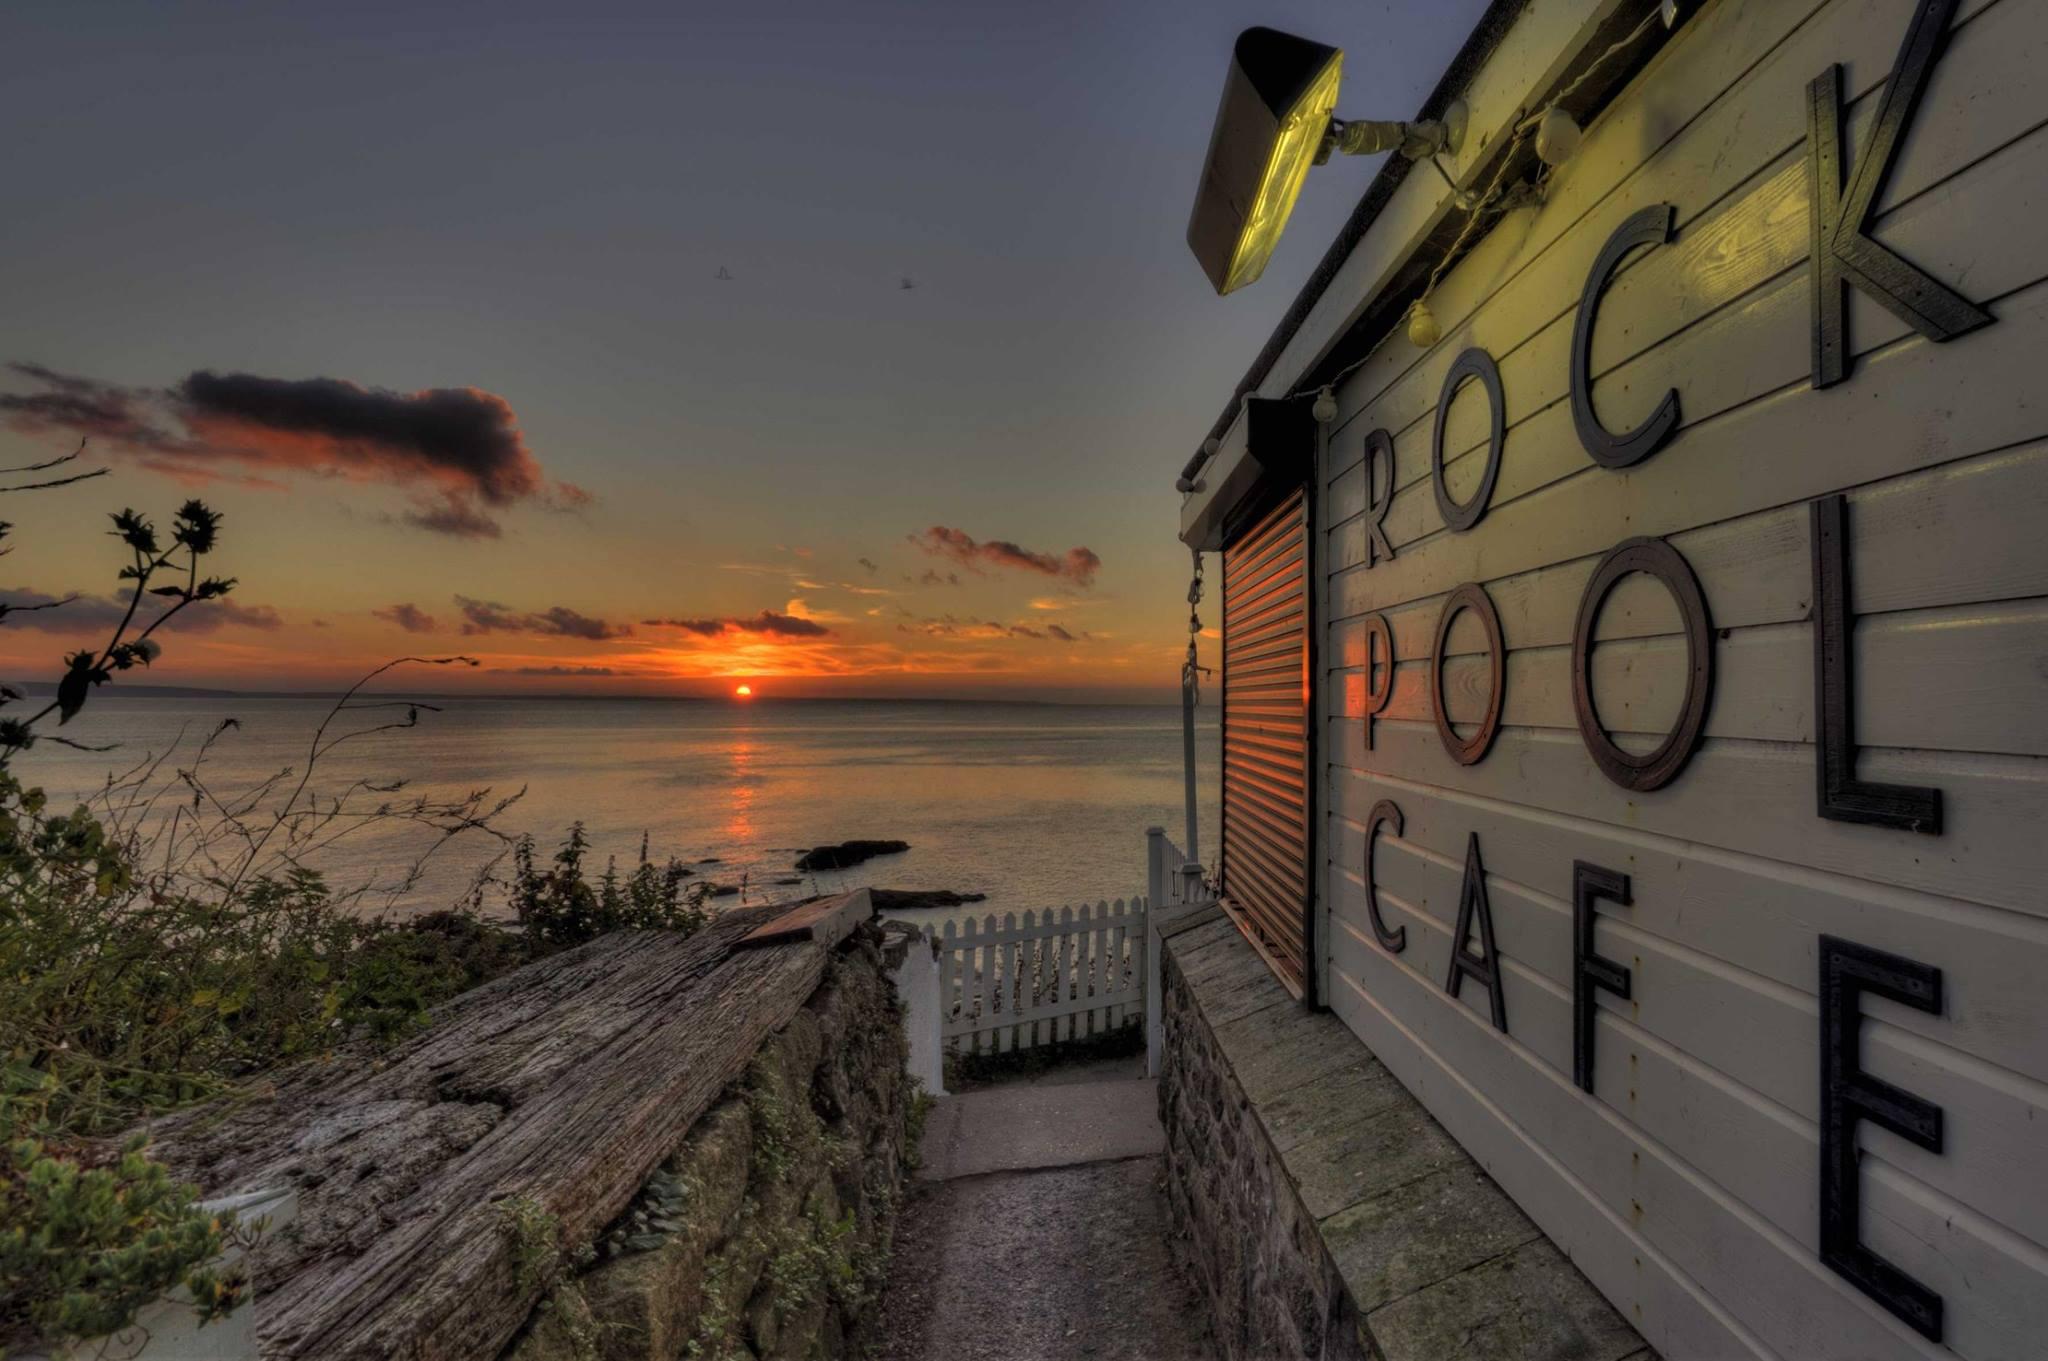 Rock Pool Café at Sunset